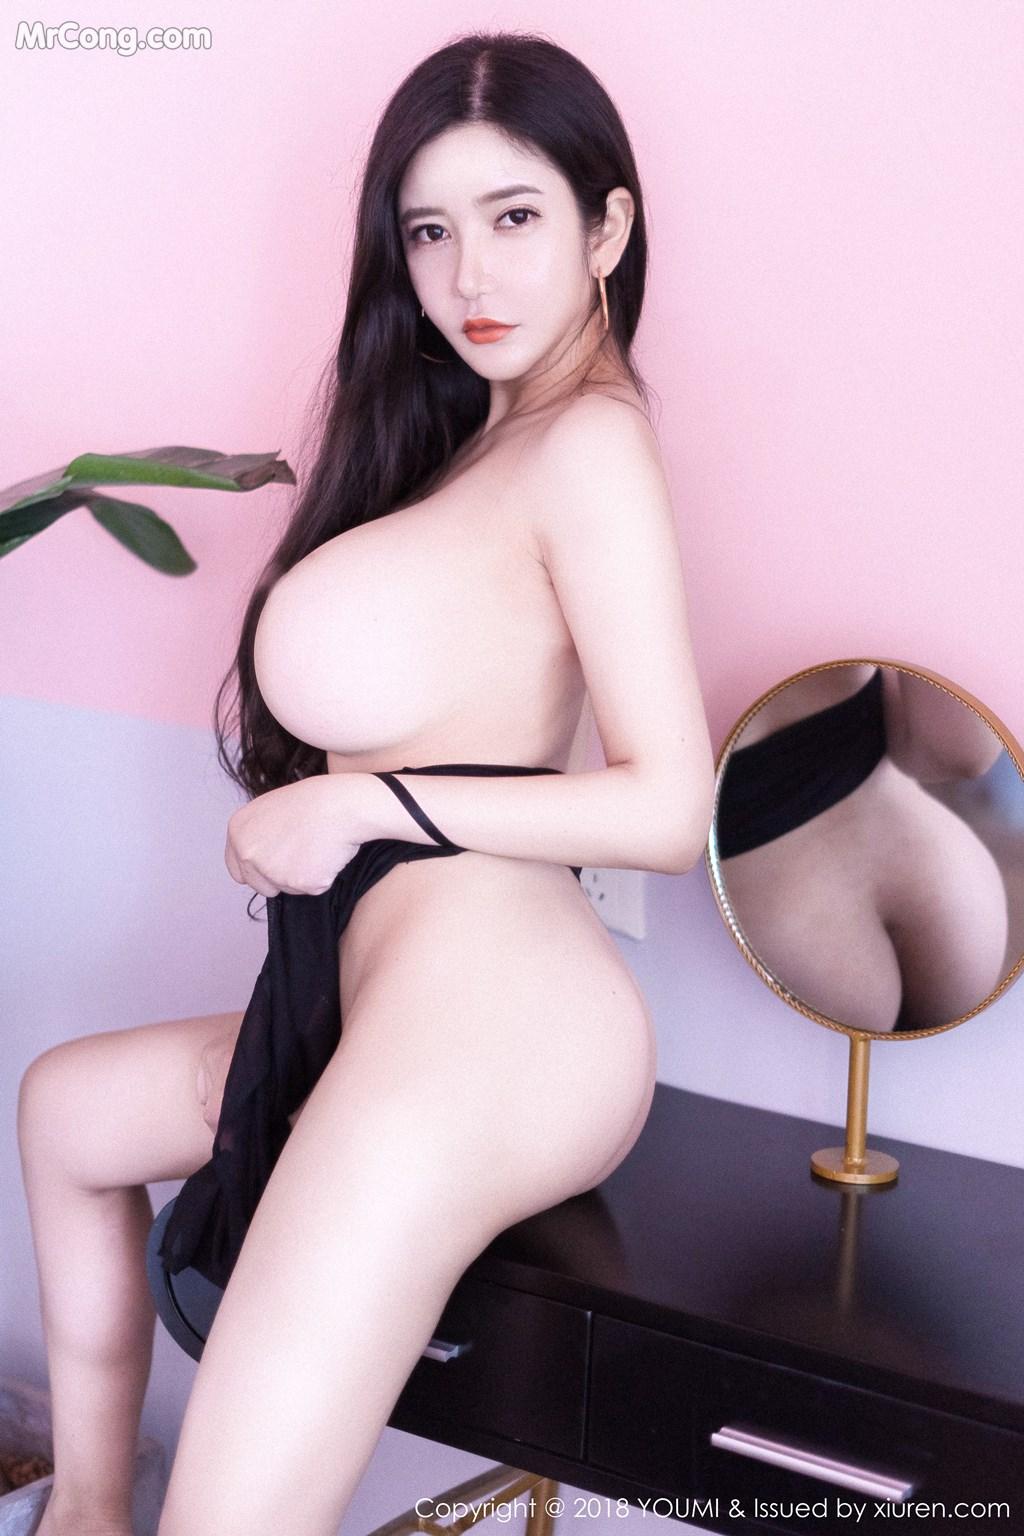 Image YouMi-Vol.222-MrCong.com-008 in post YouMi Vol.222: Người mẫu 心妍小公主 (45 ảnh)